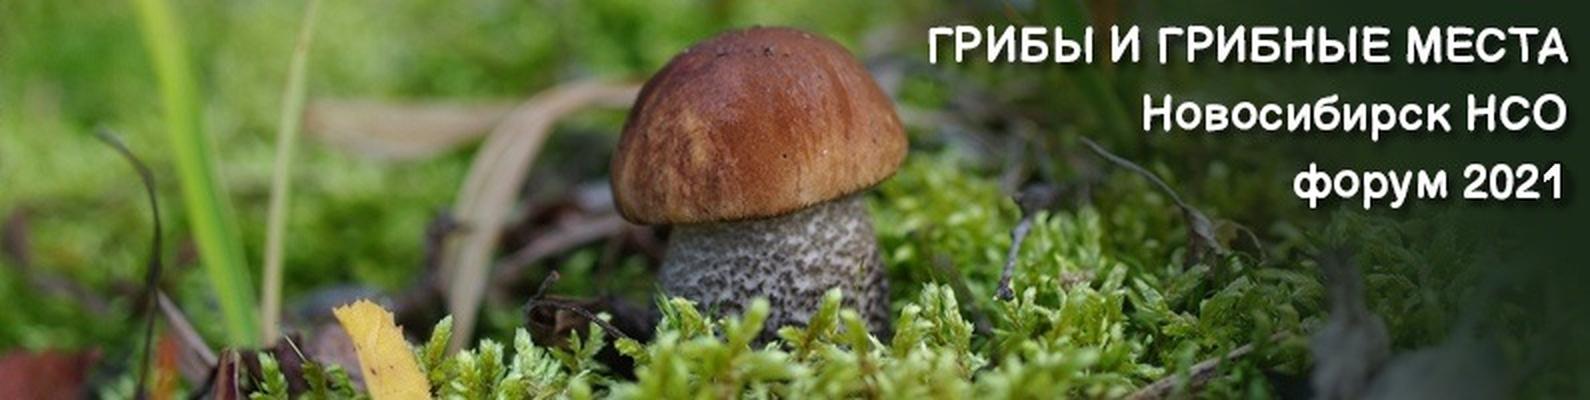 грибники ульяновской области 2021 грибы в контакте